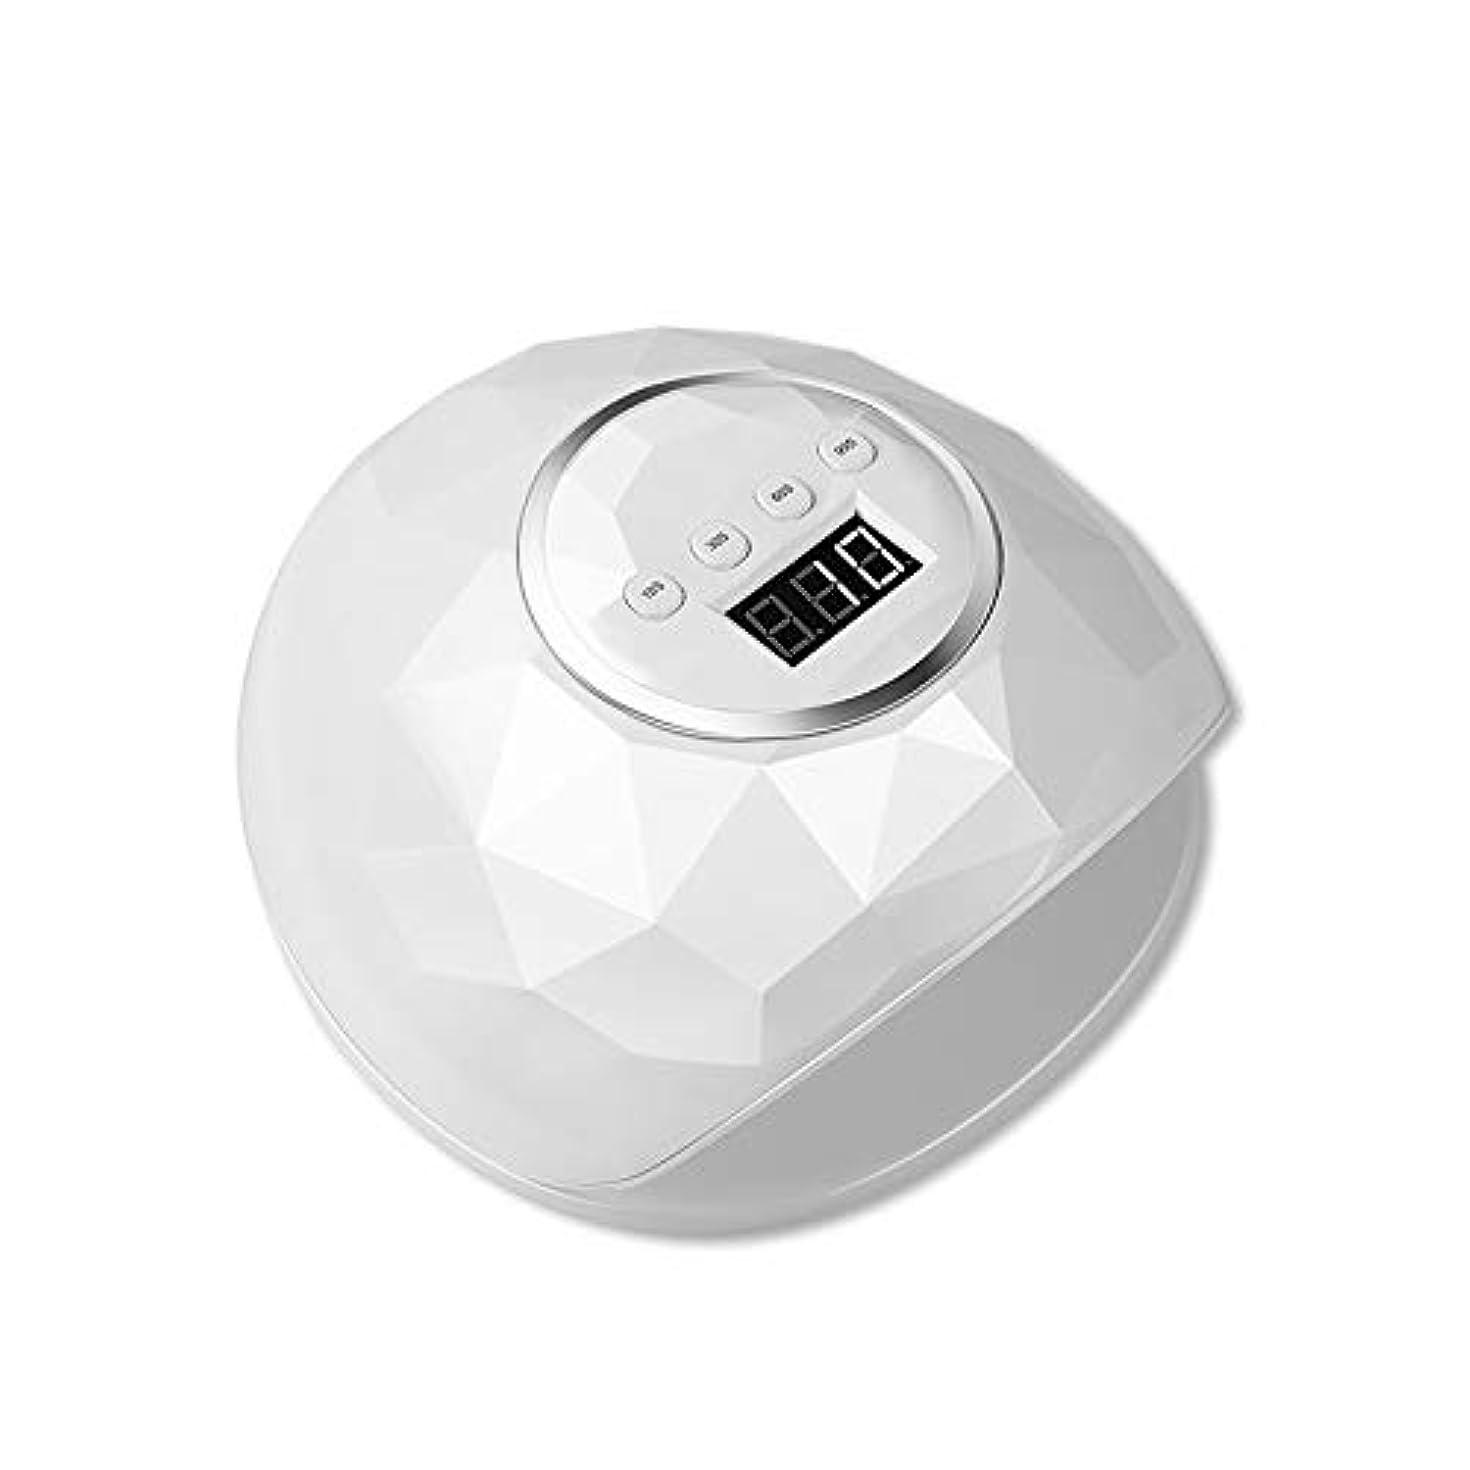 ダブル真空アカデミックゲルネイルドライヤーwith4タイマー用86W LED UVネイルランプ